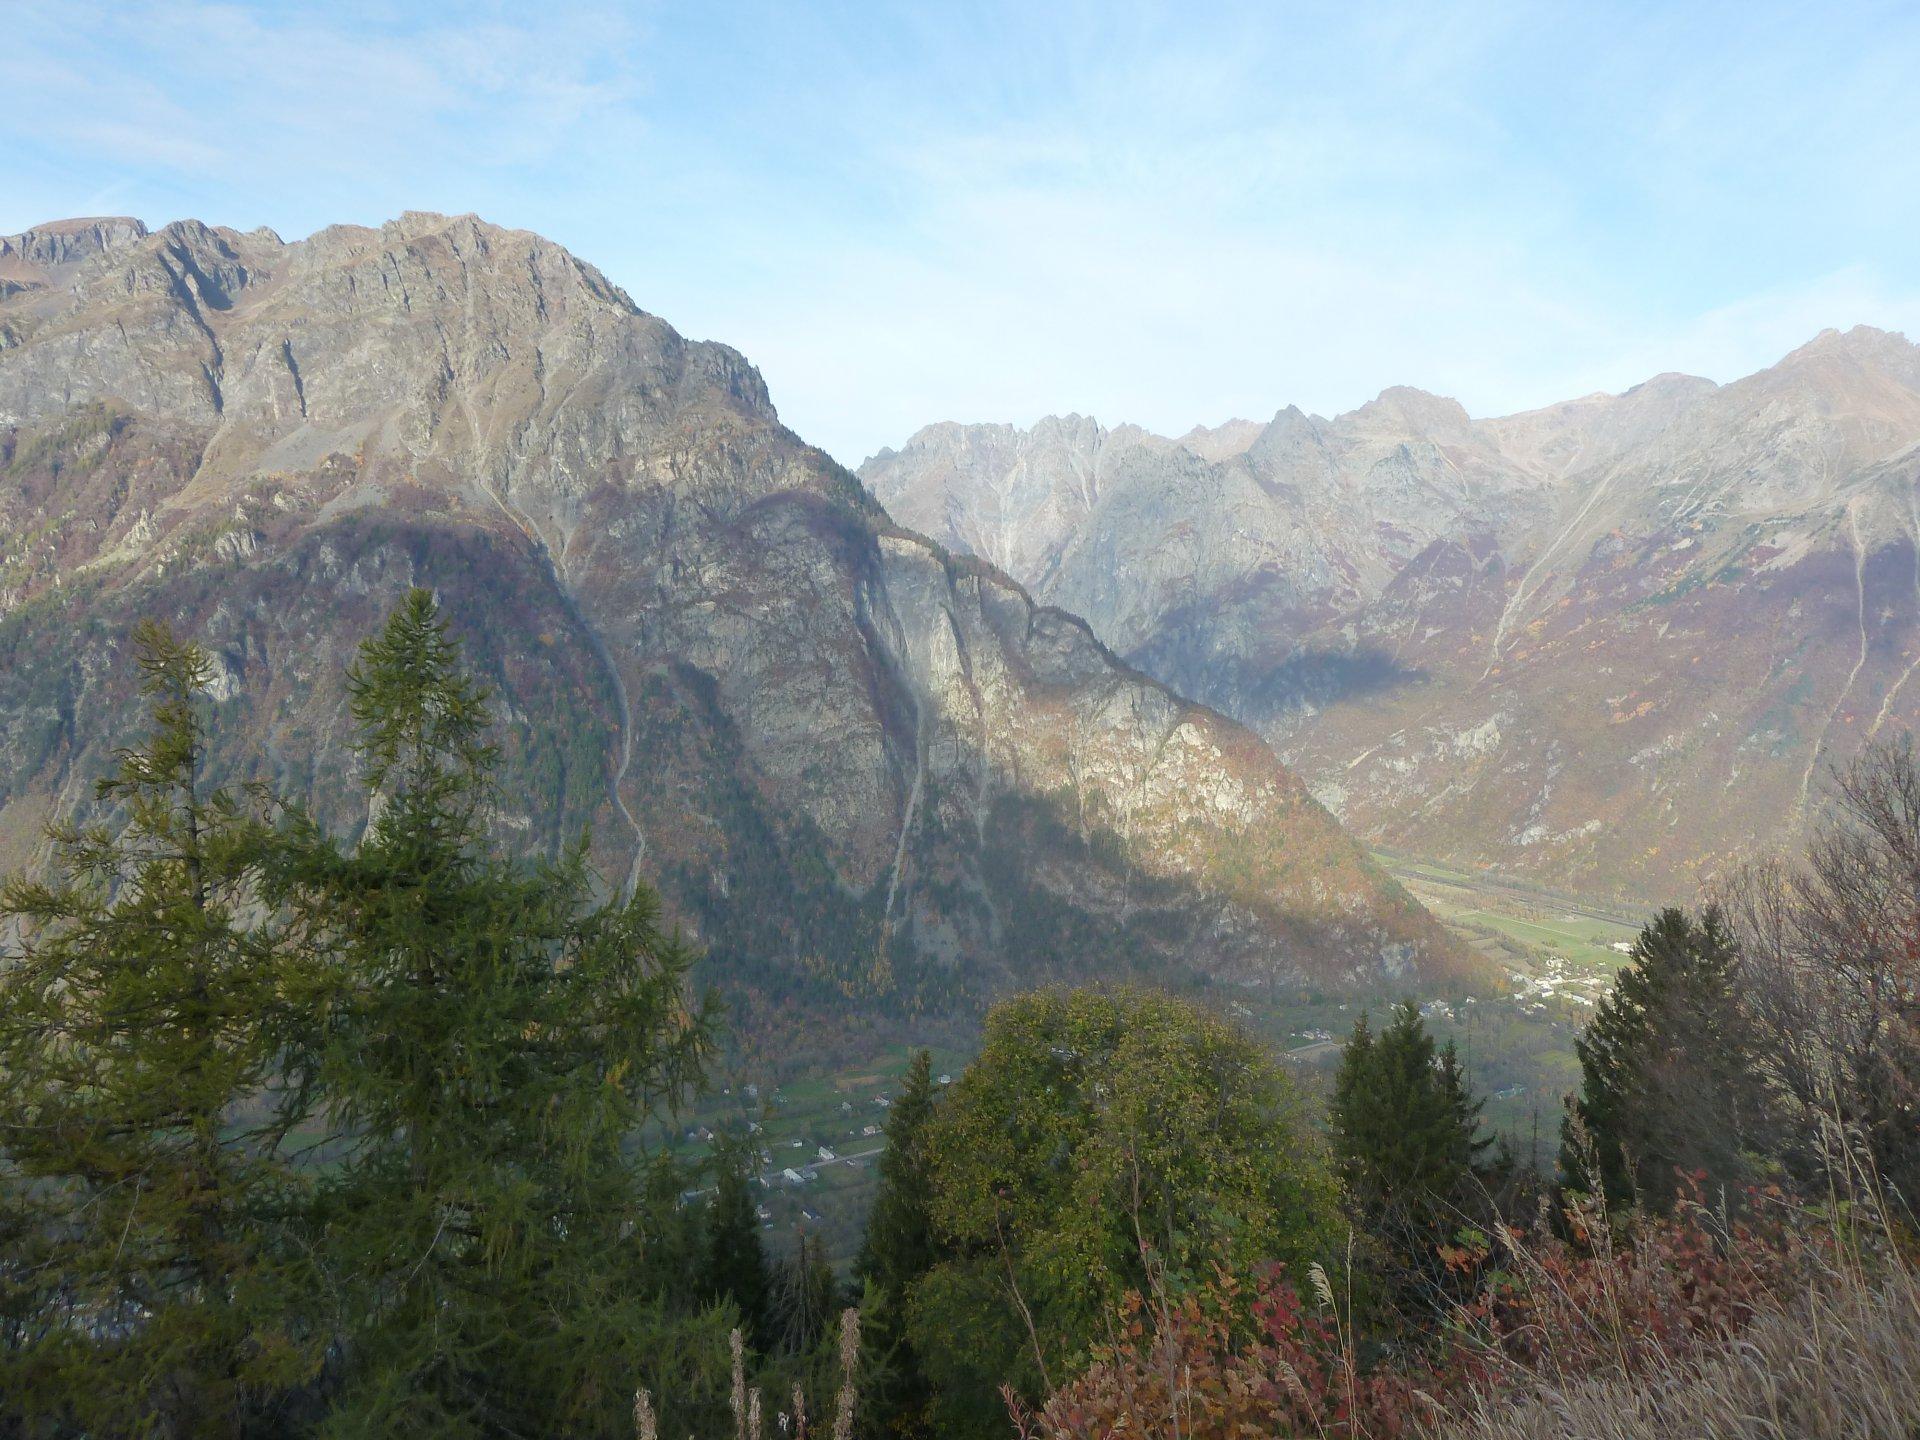 Vente Terrain inconstructible - Le Bourg-d'Oisans